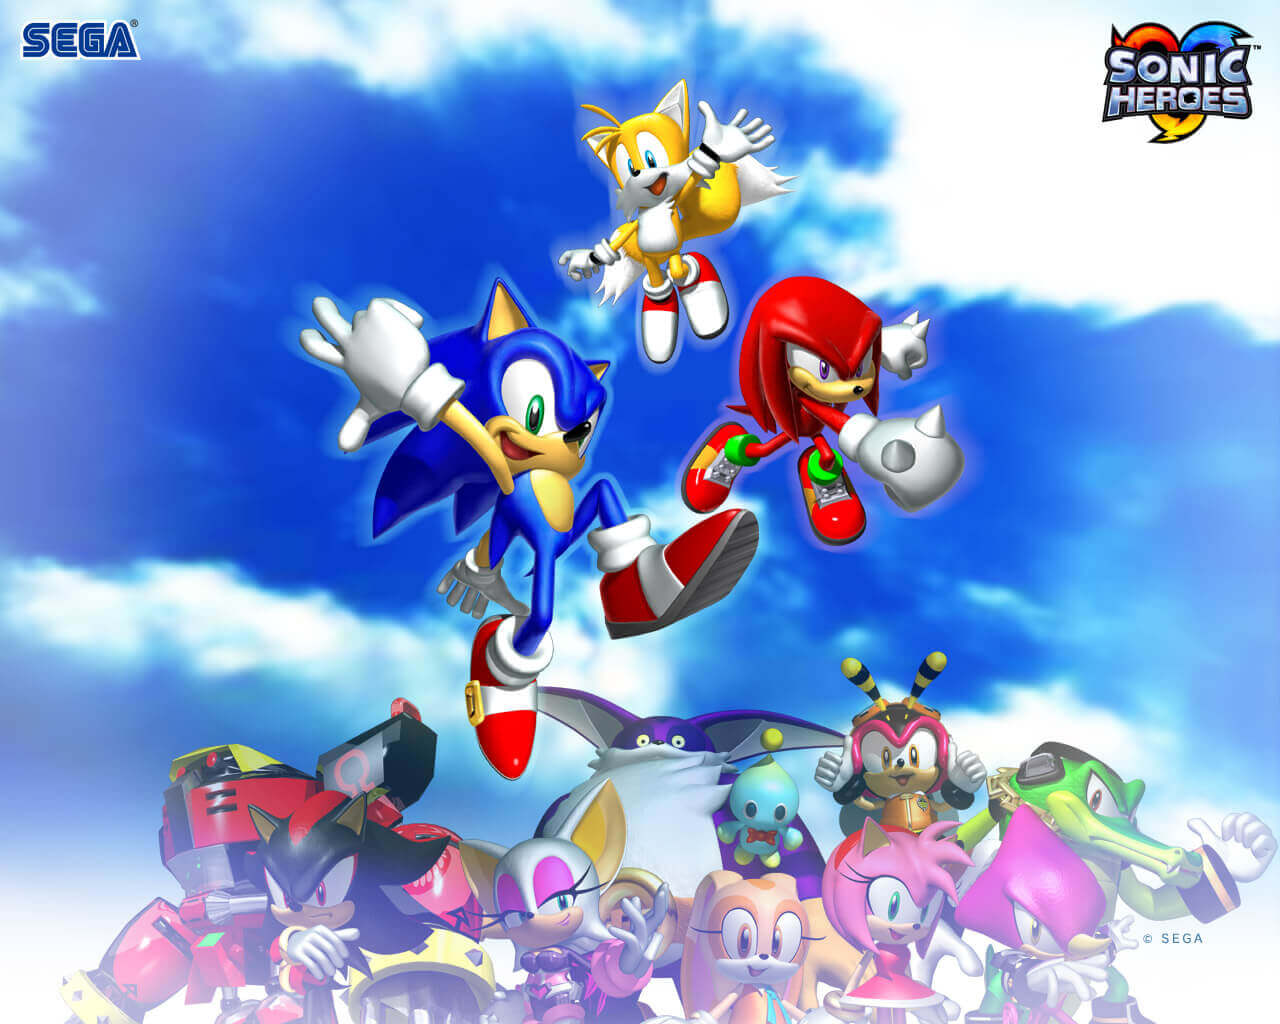 Jogos do Sonic que você precisa conhecer!